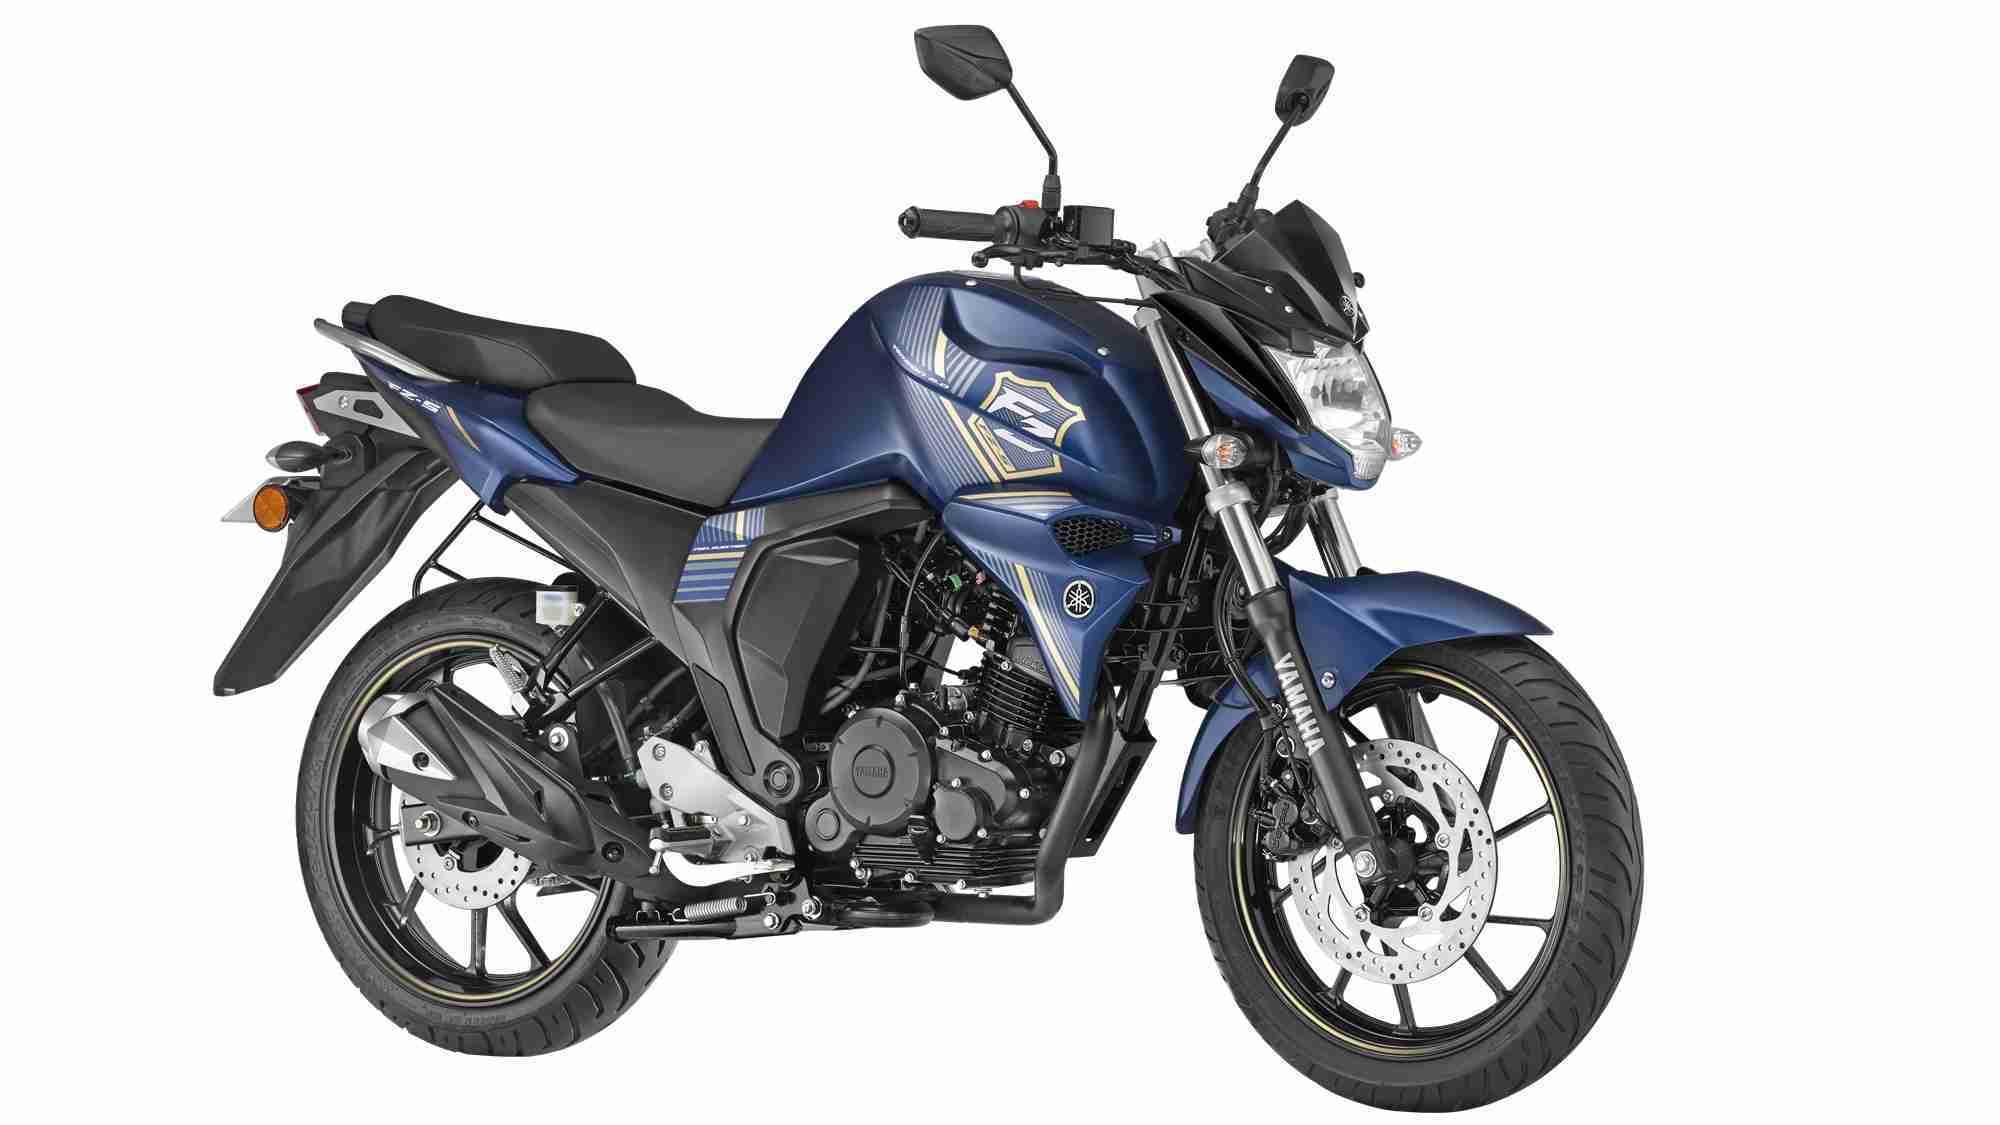 Yamaha FZ-S FI with rear disc brake